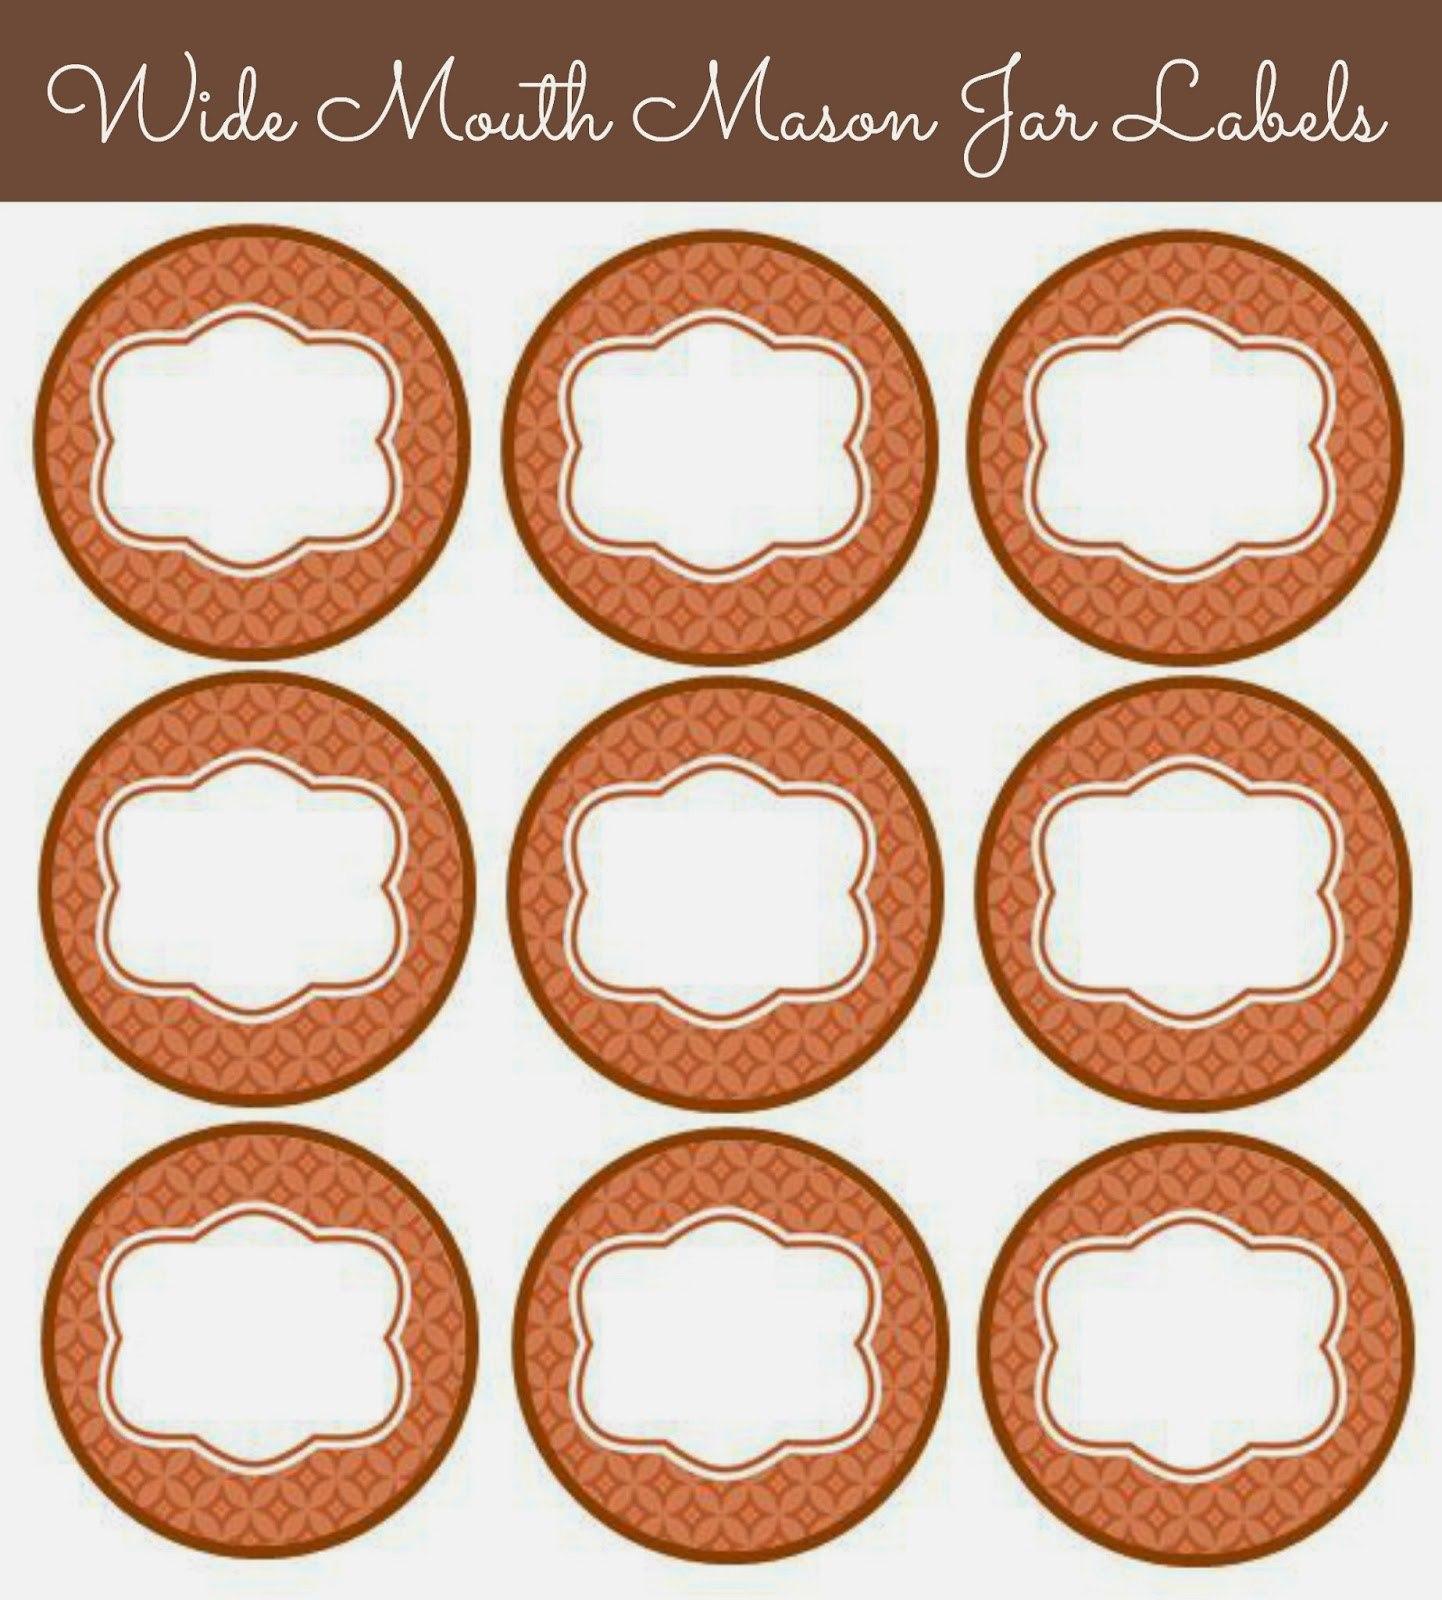 Cute Mason Jar Labels  Kittybabylove In Mason Jar Label Templates